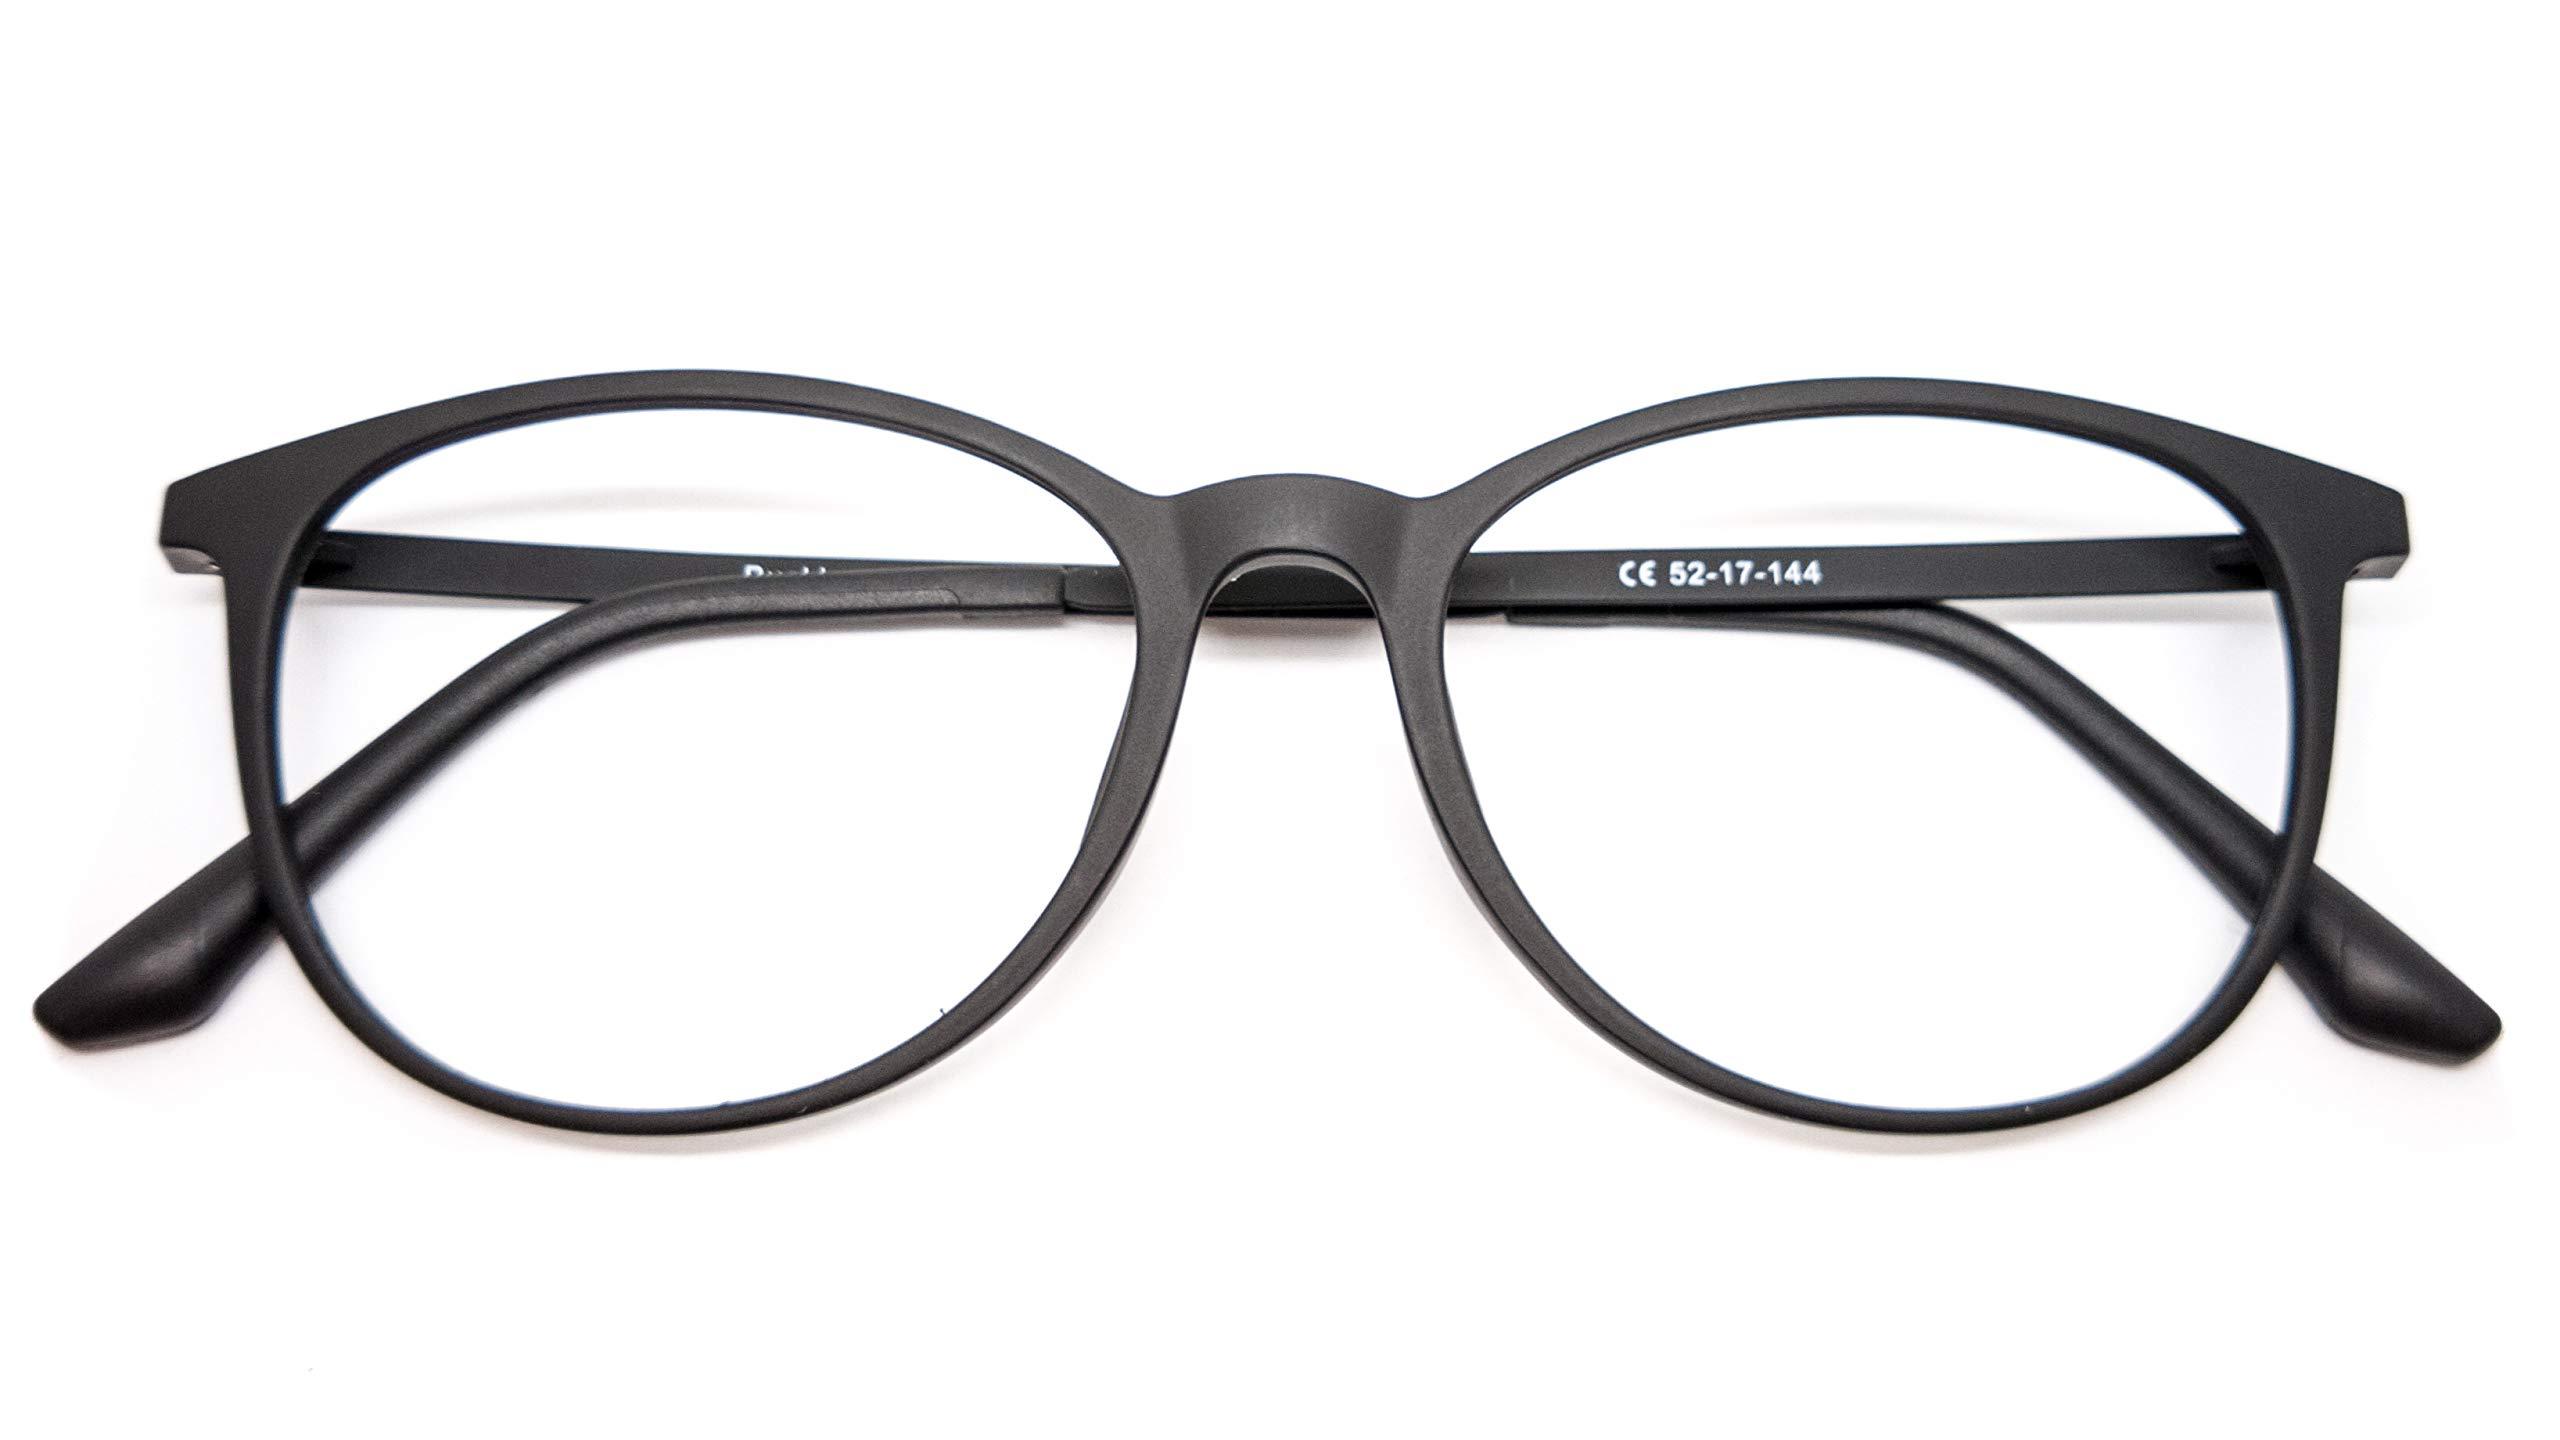 3a597e3d014 nowave - Montures de Lunettes - Homme Multicolore Noir Opaque Oval Flex